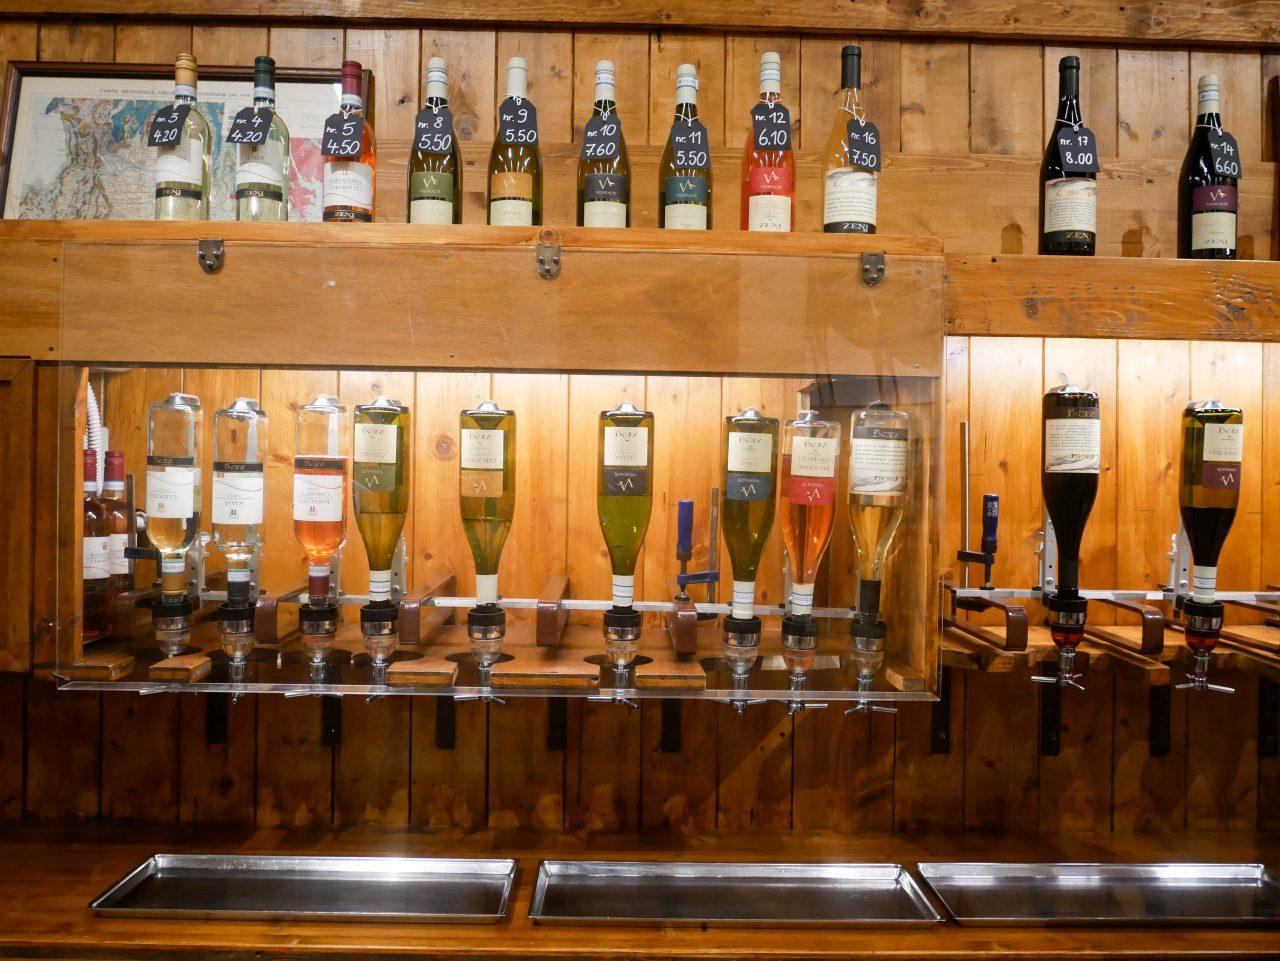 visite du lac de Garde en 3 jours: dégustation des vins régionaux chez Rizzardi